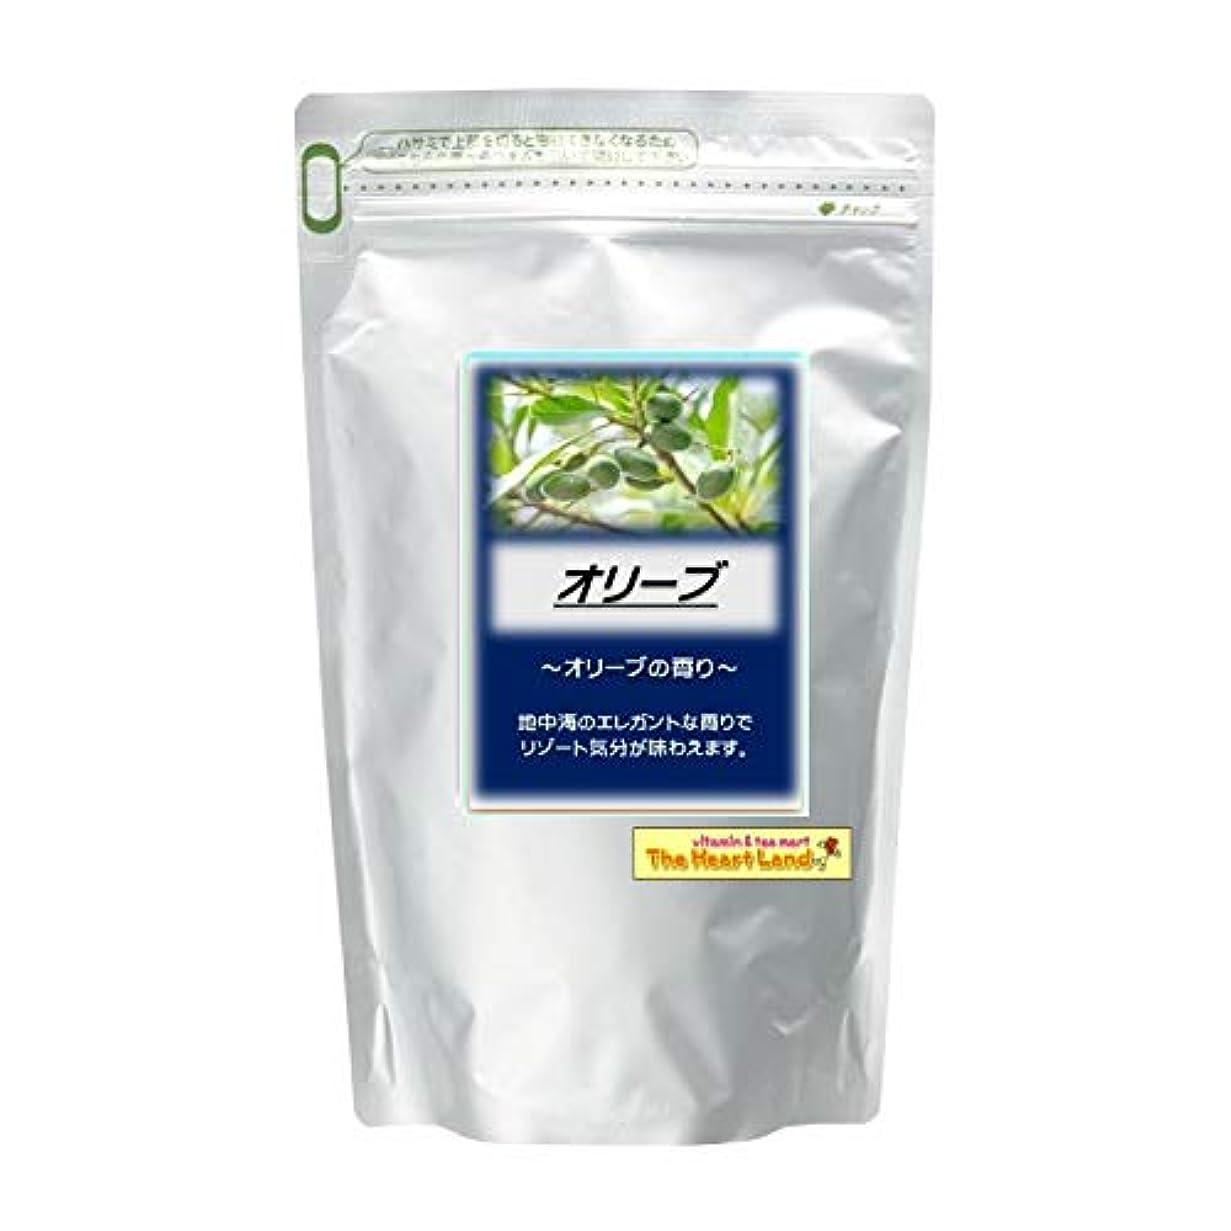 ワーカーりんご悪性のアサヒ入浴剤 浴用入浴化粧品 オリーブ 300g